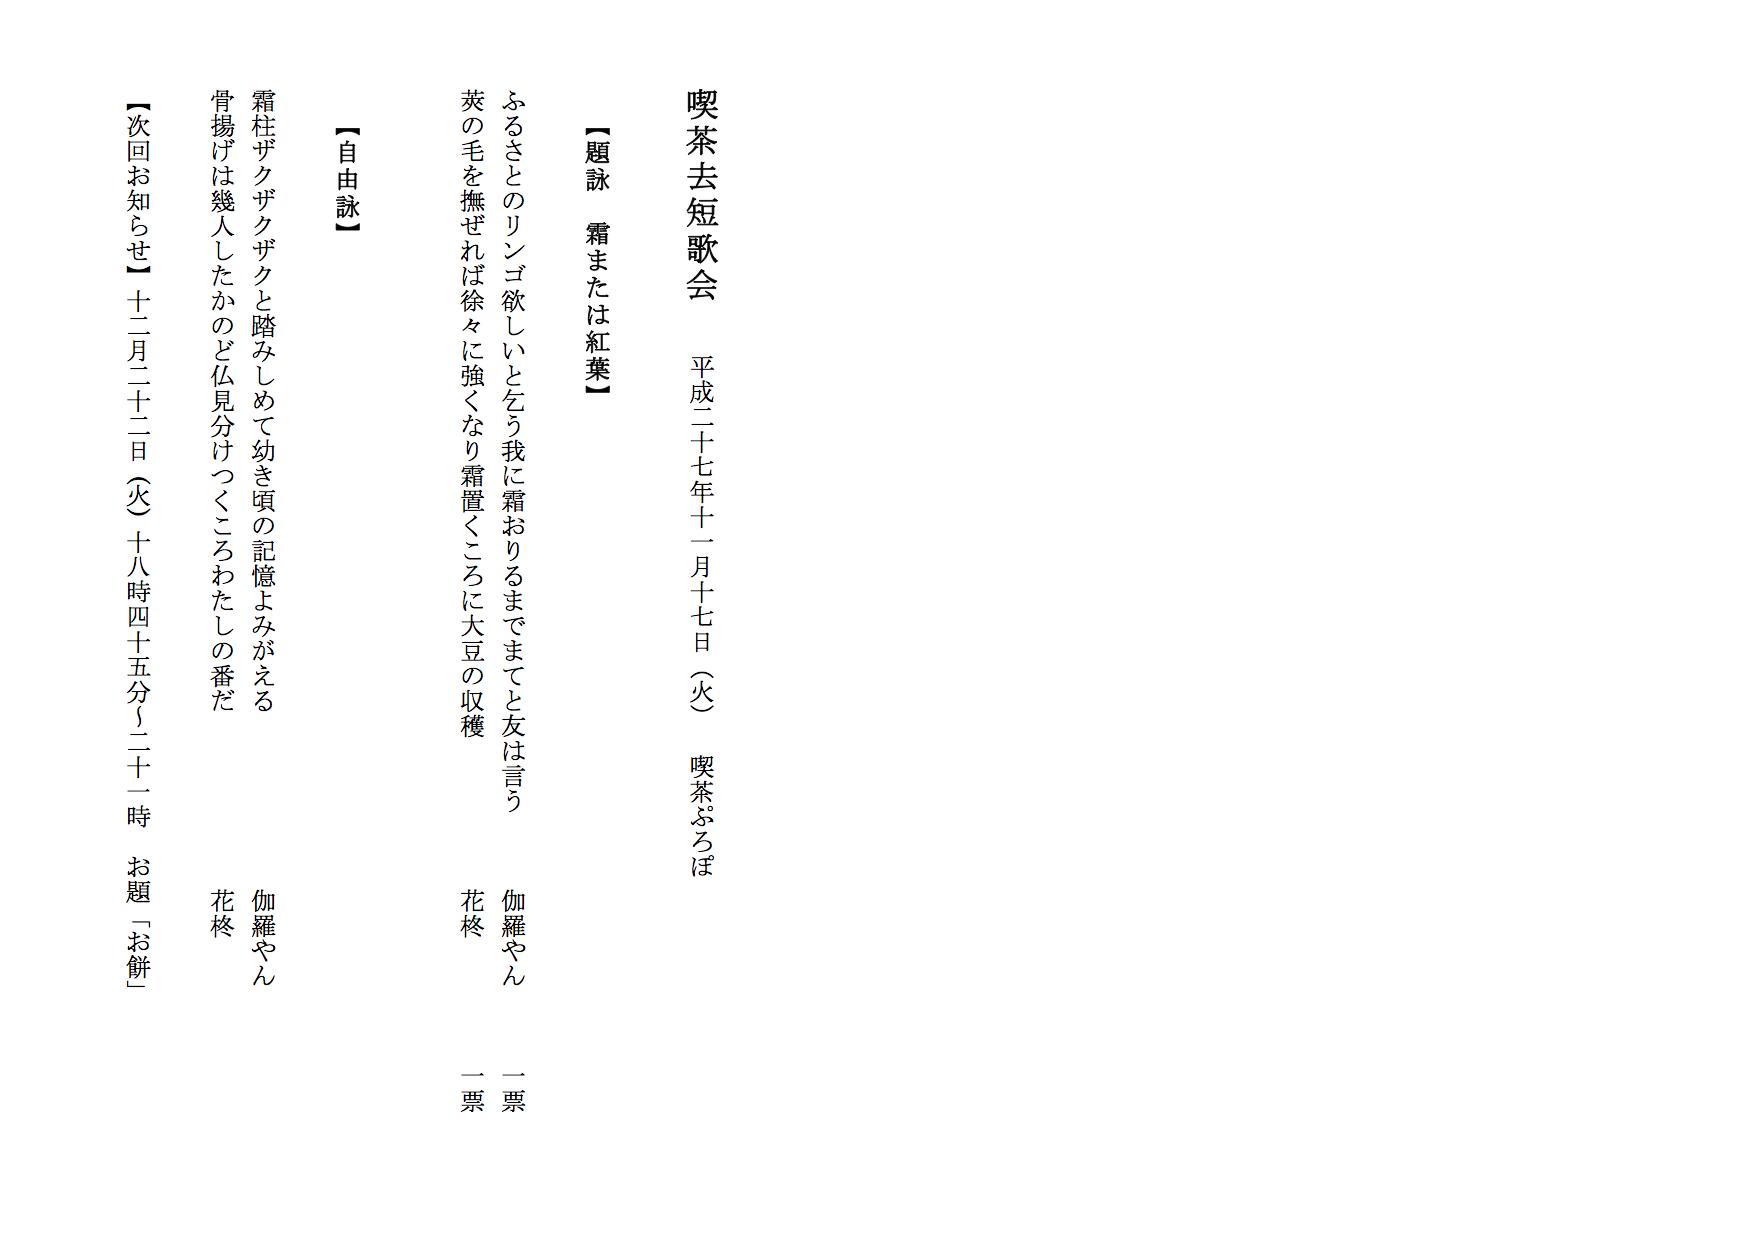 01511 喫茶去短歌会  平成二十七年十一月十七日(火) 喫茶ぷろぽ